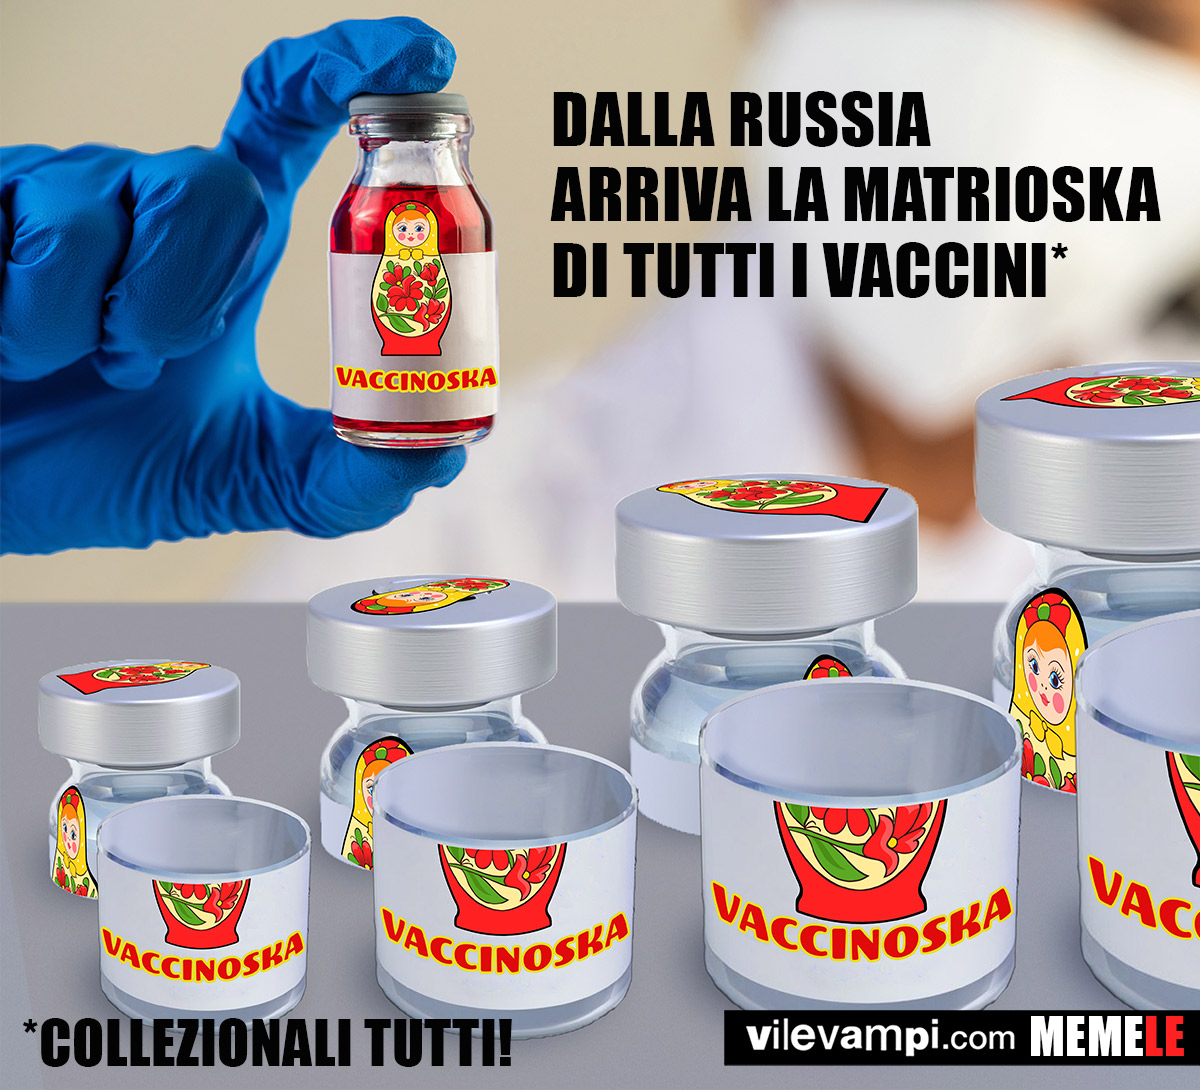 2021_Meme-vaccino-russo